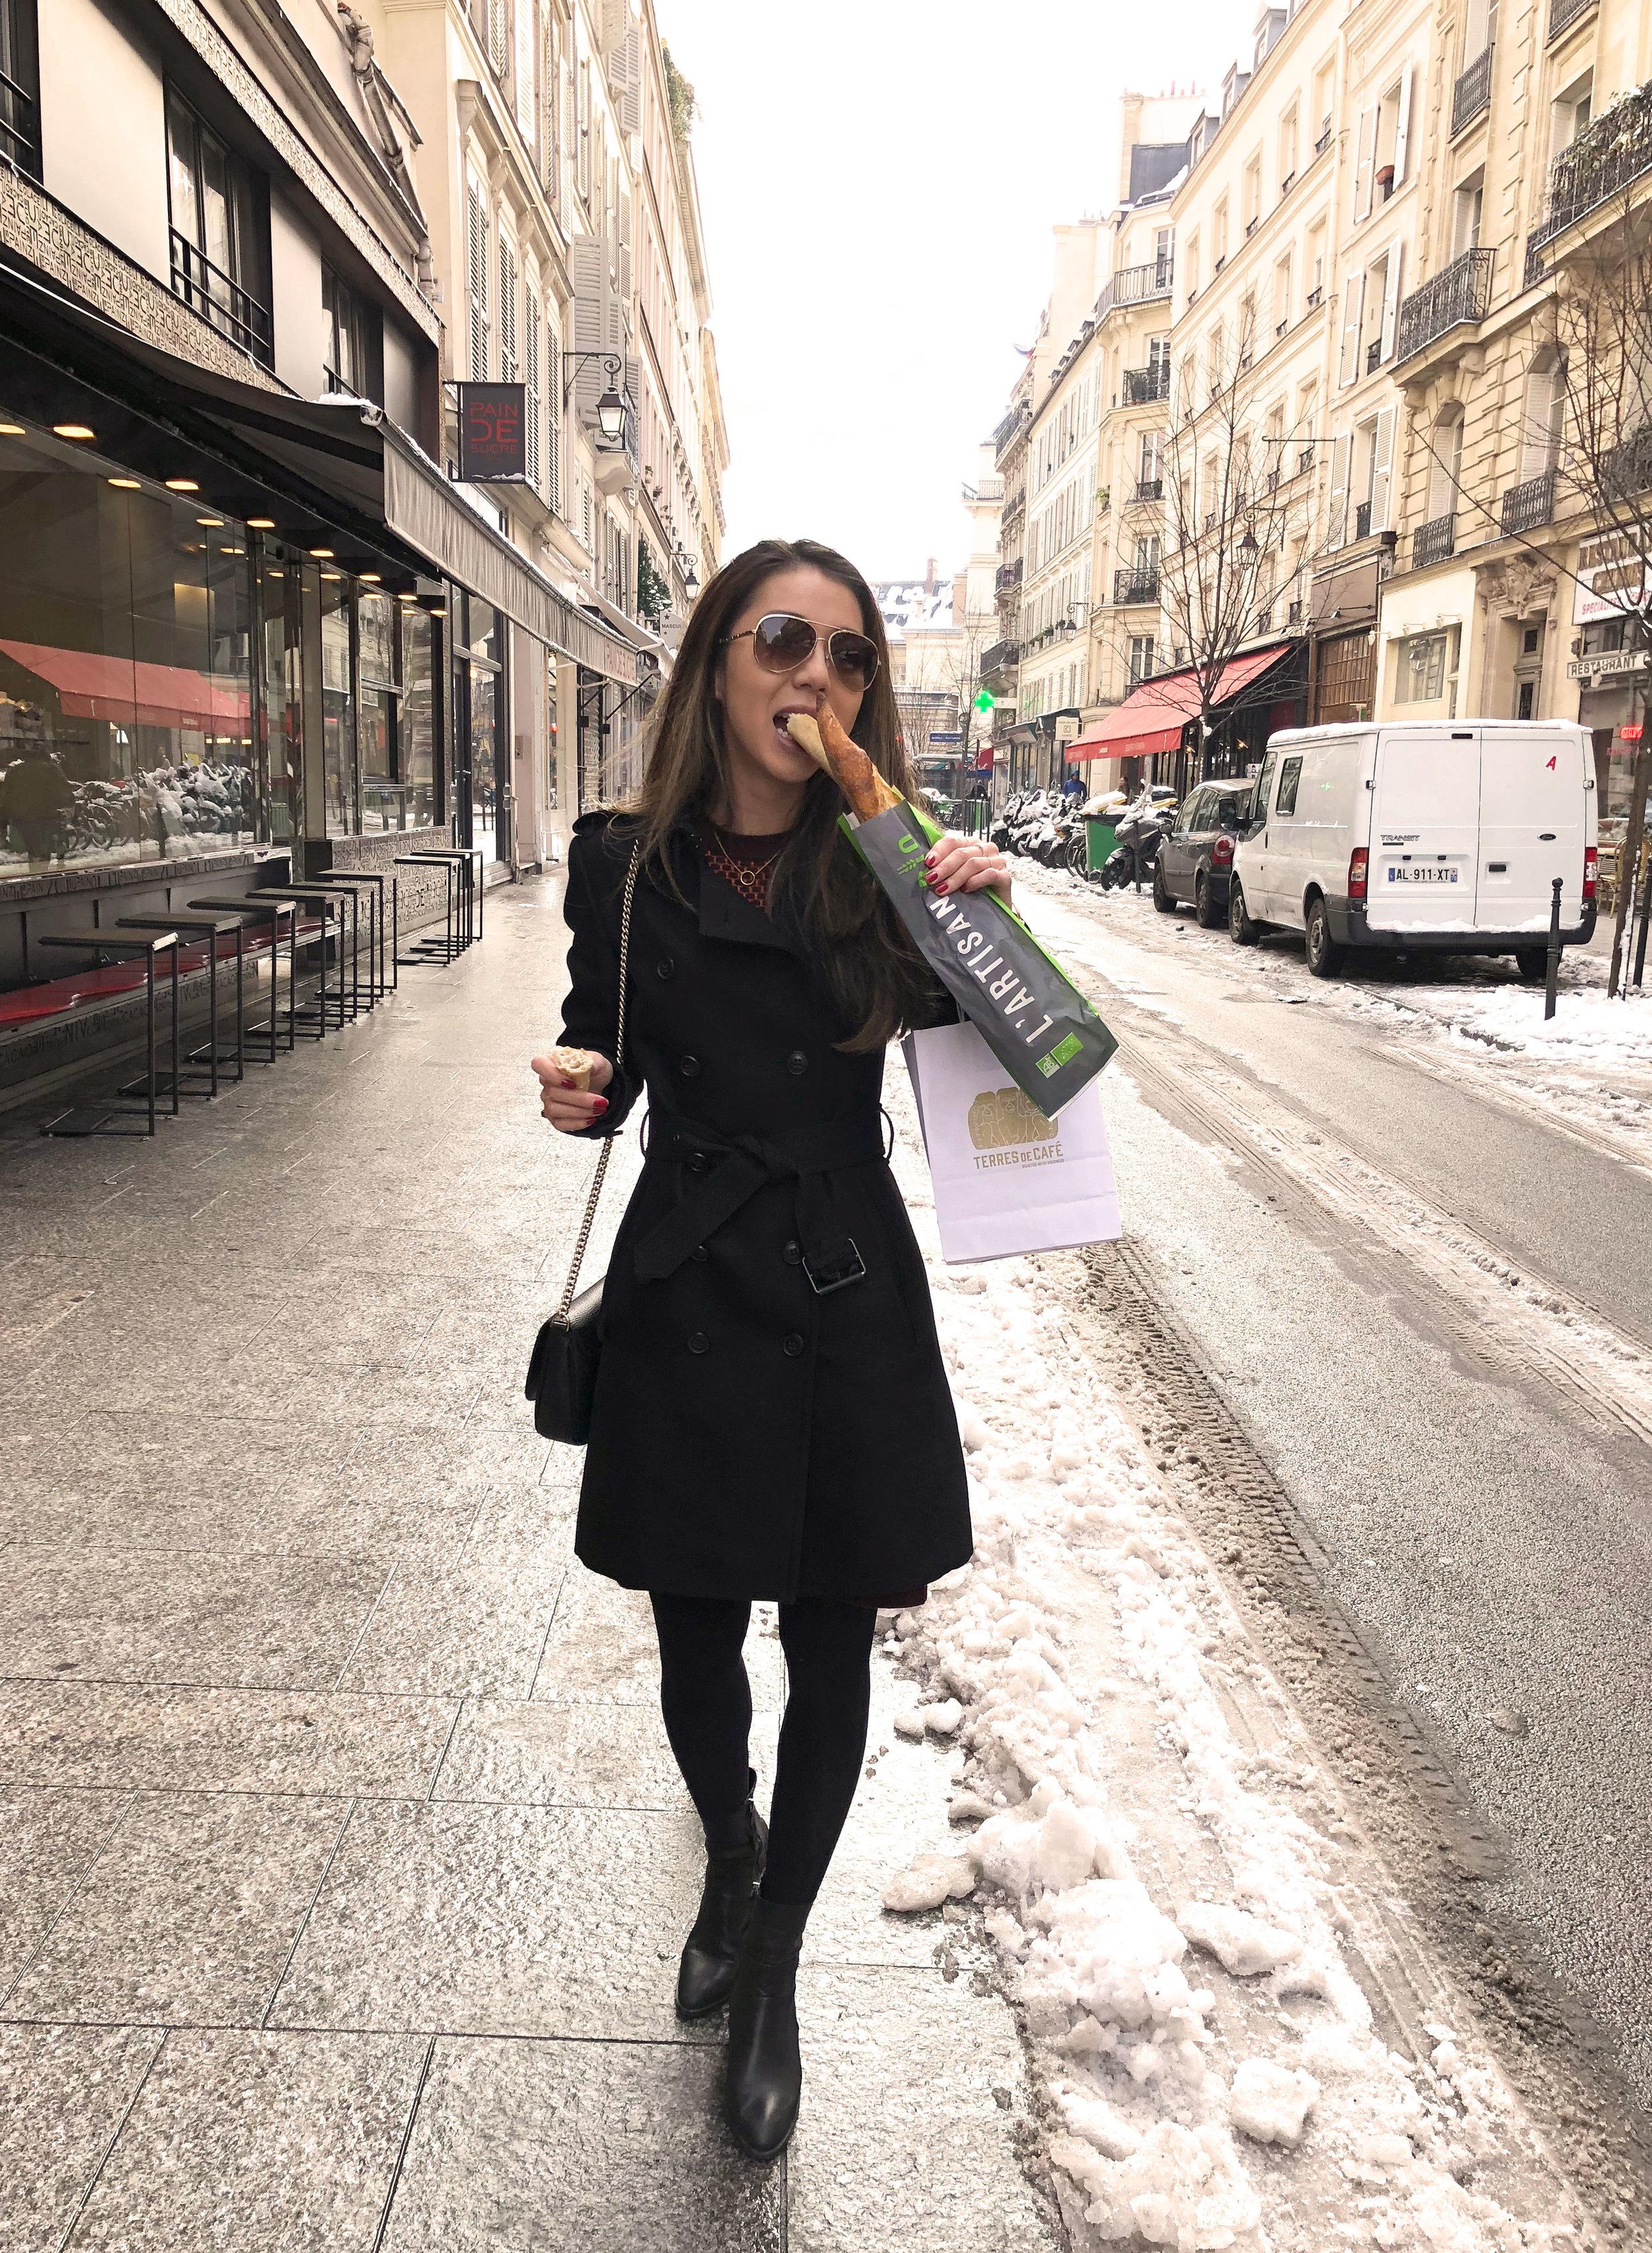 First stop: Grab a baguette from Pain de Sucre in Le Marais, Paris.